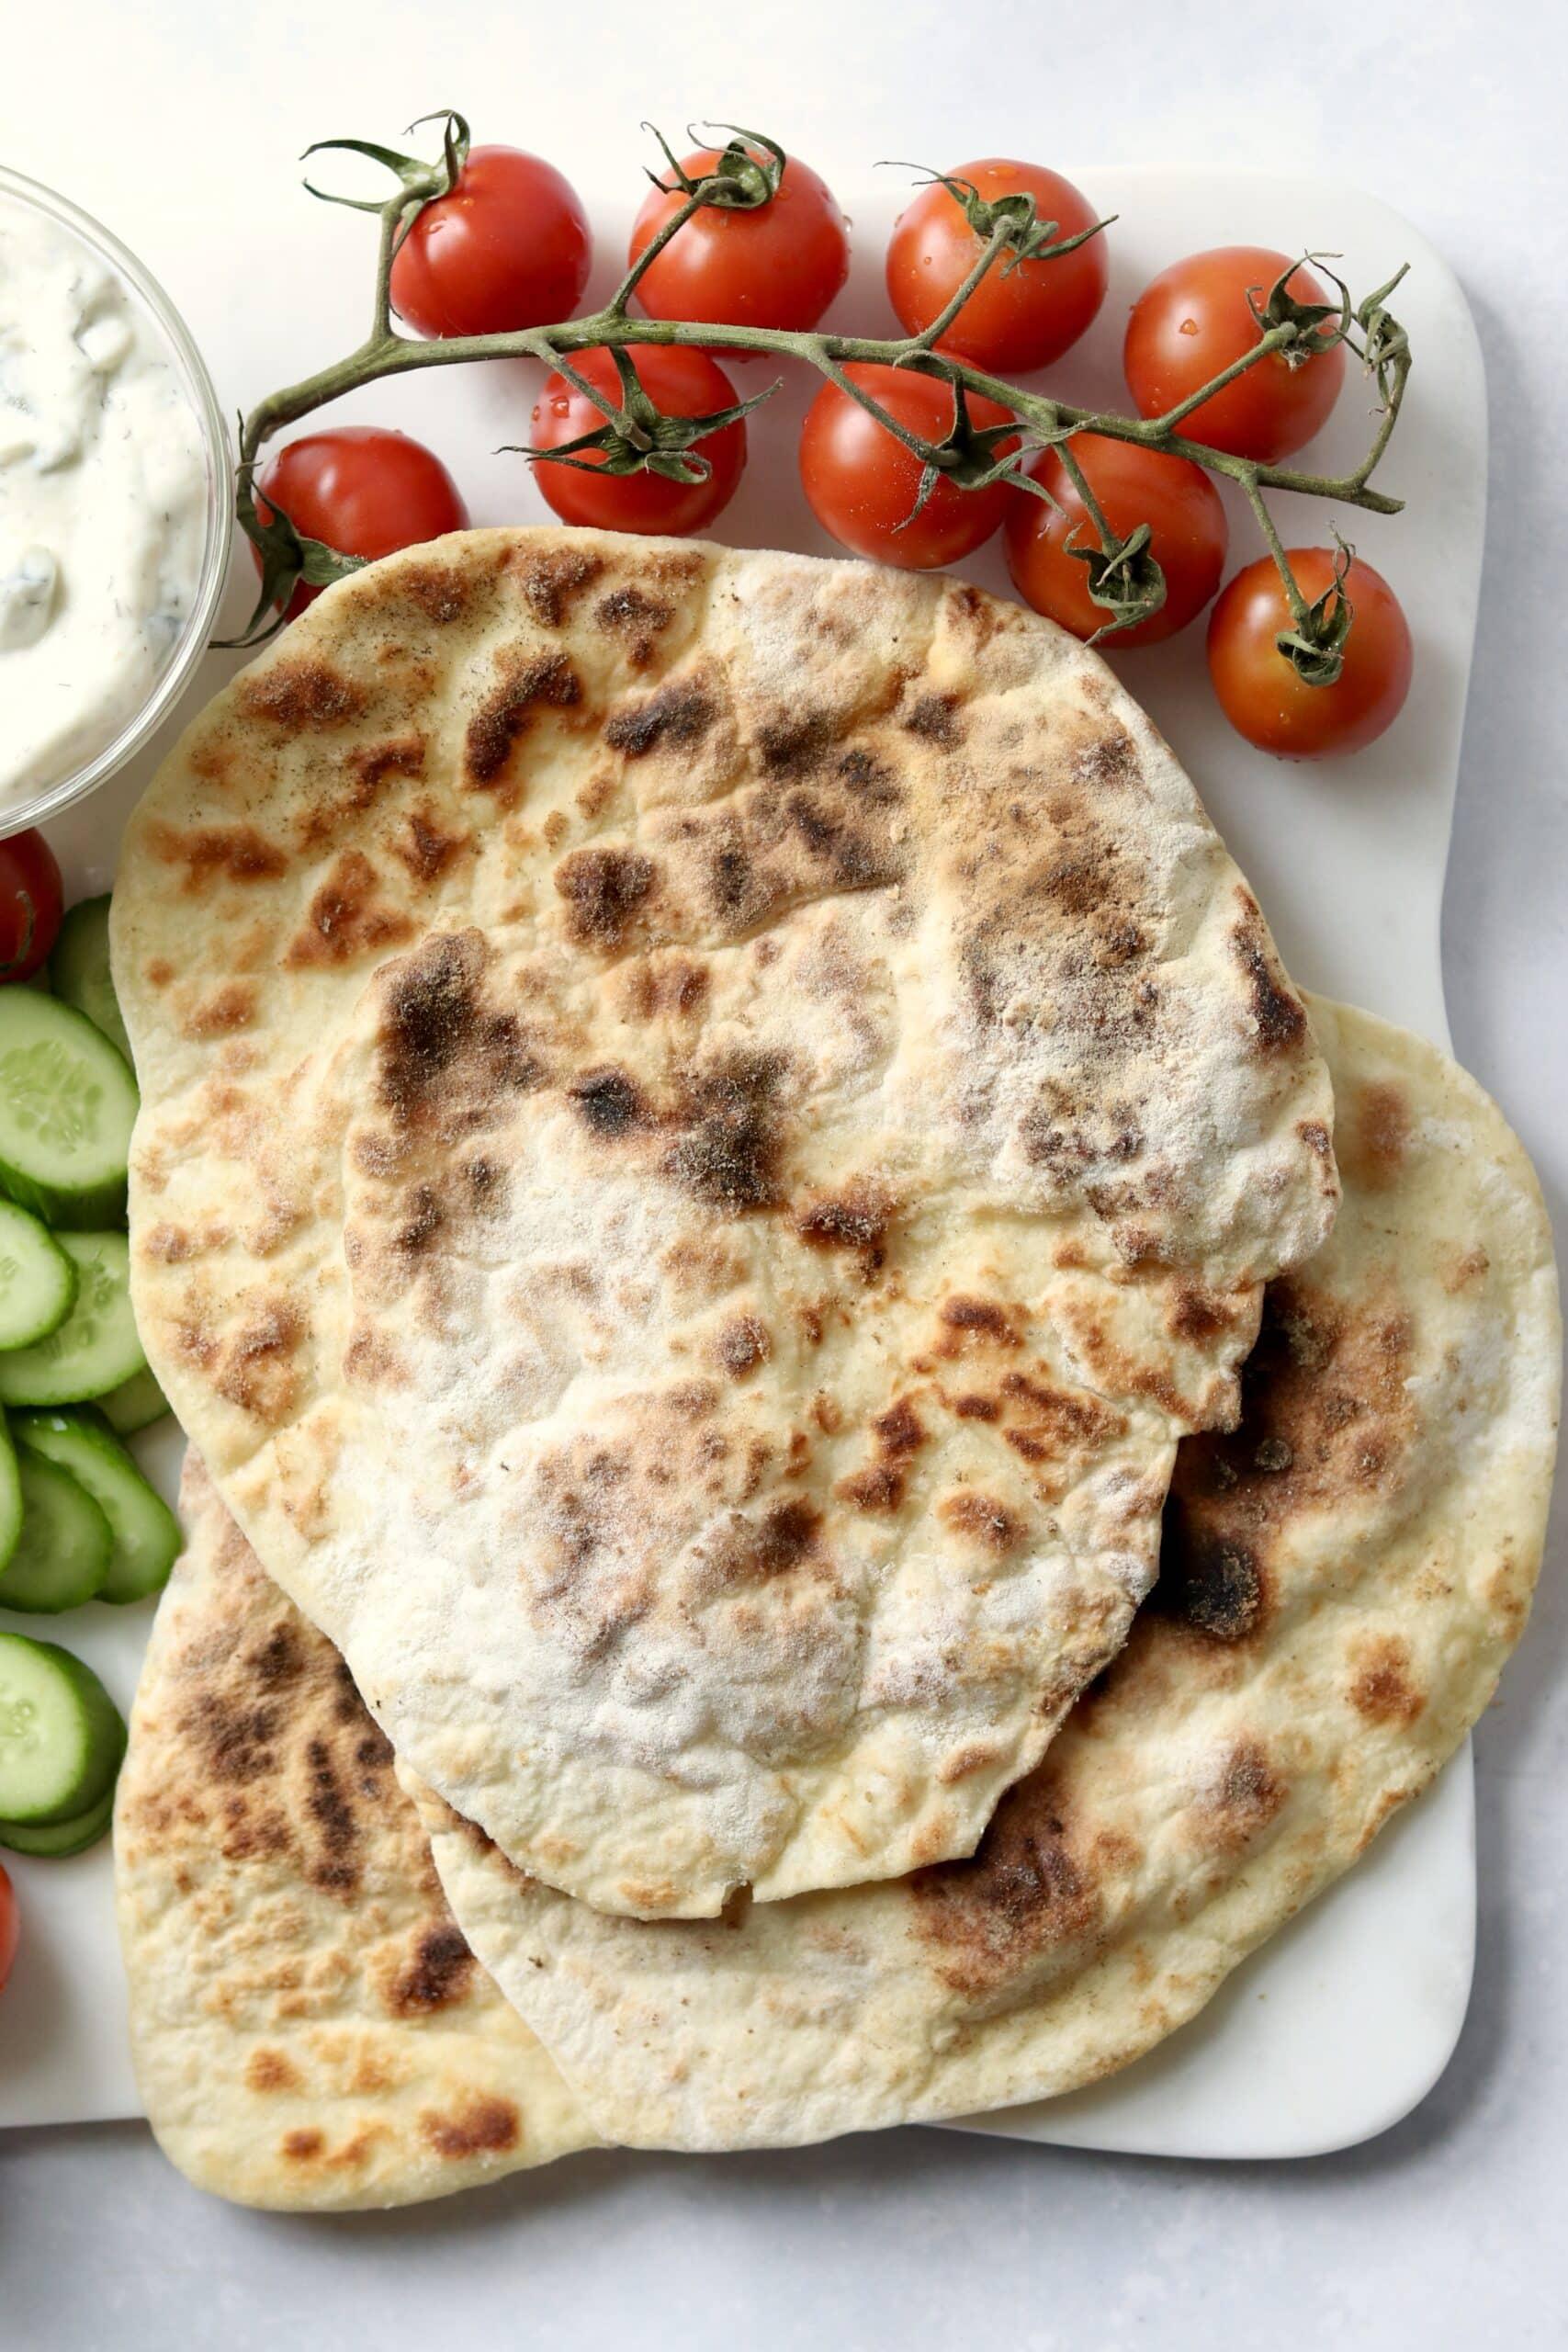 Greek yogurt flatbread with tomatoes and cucumbers